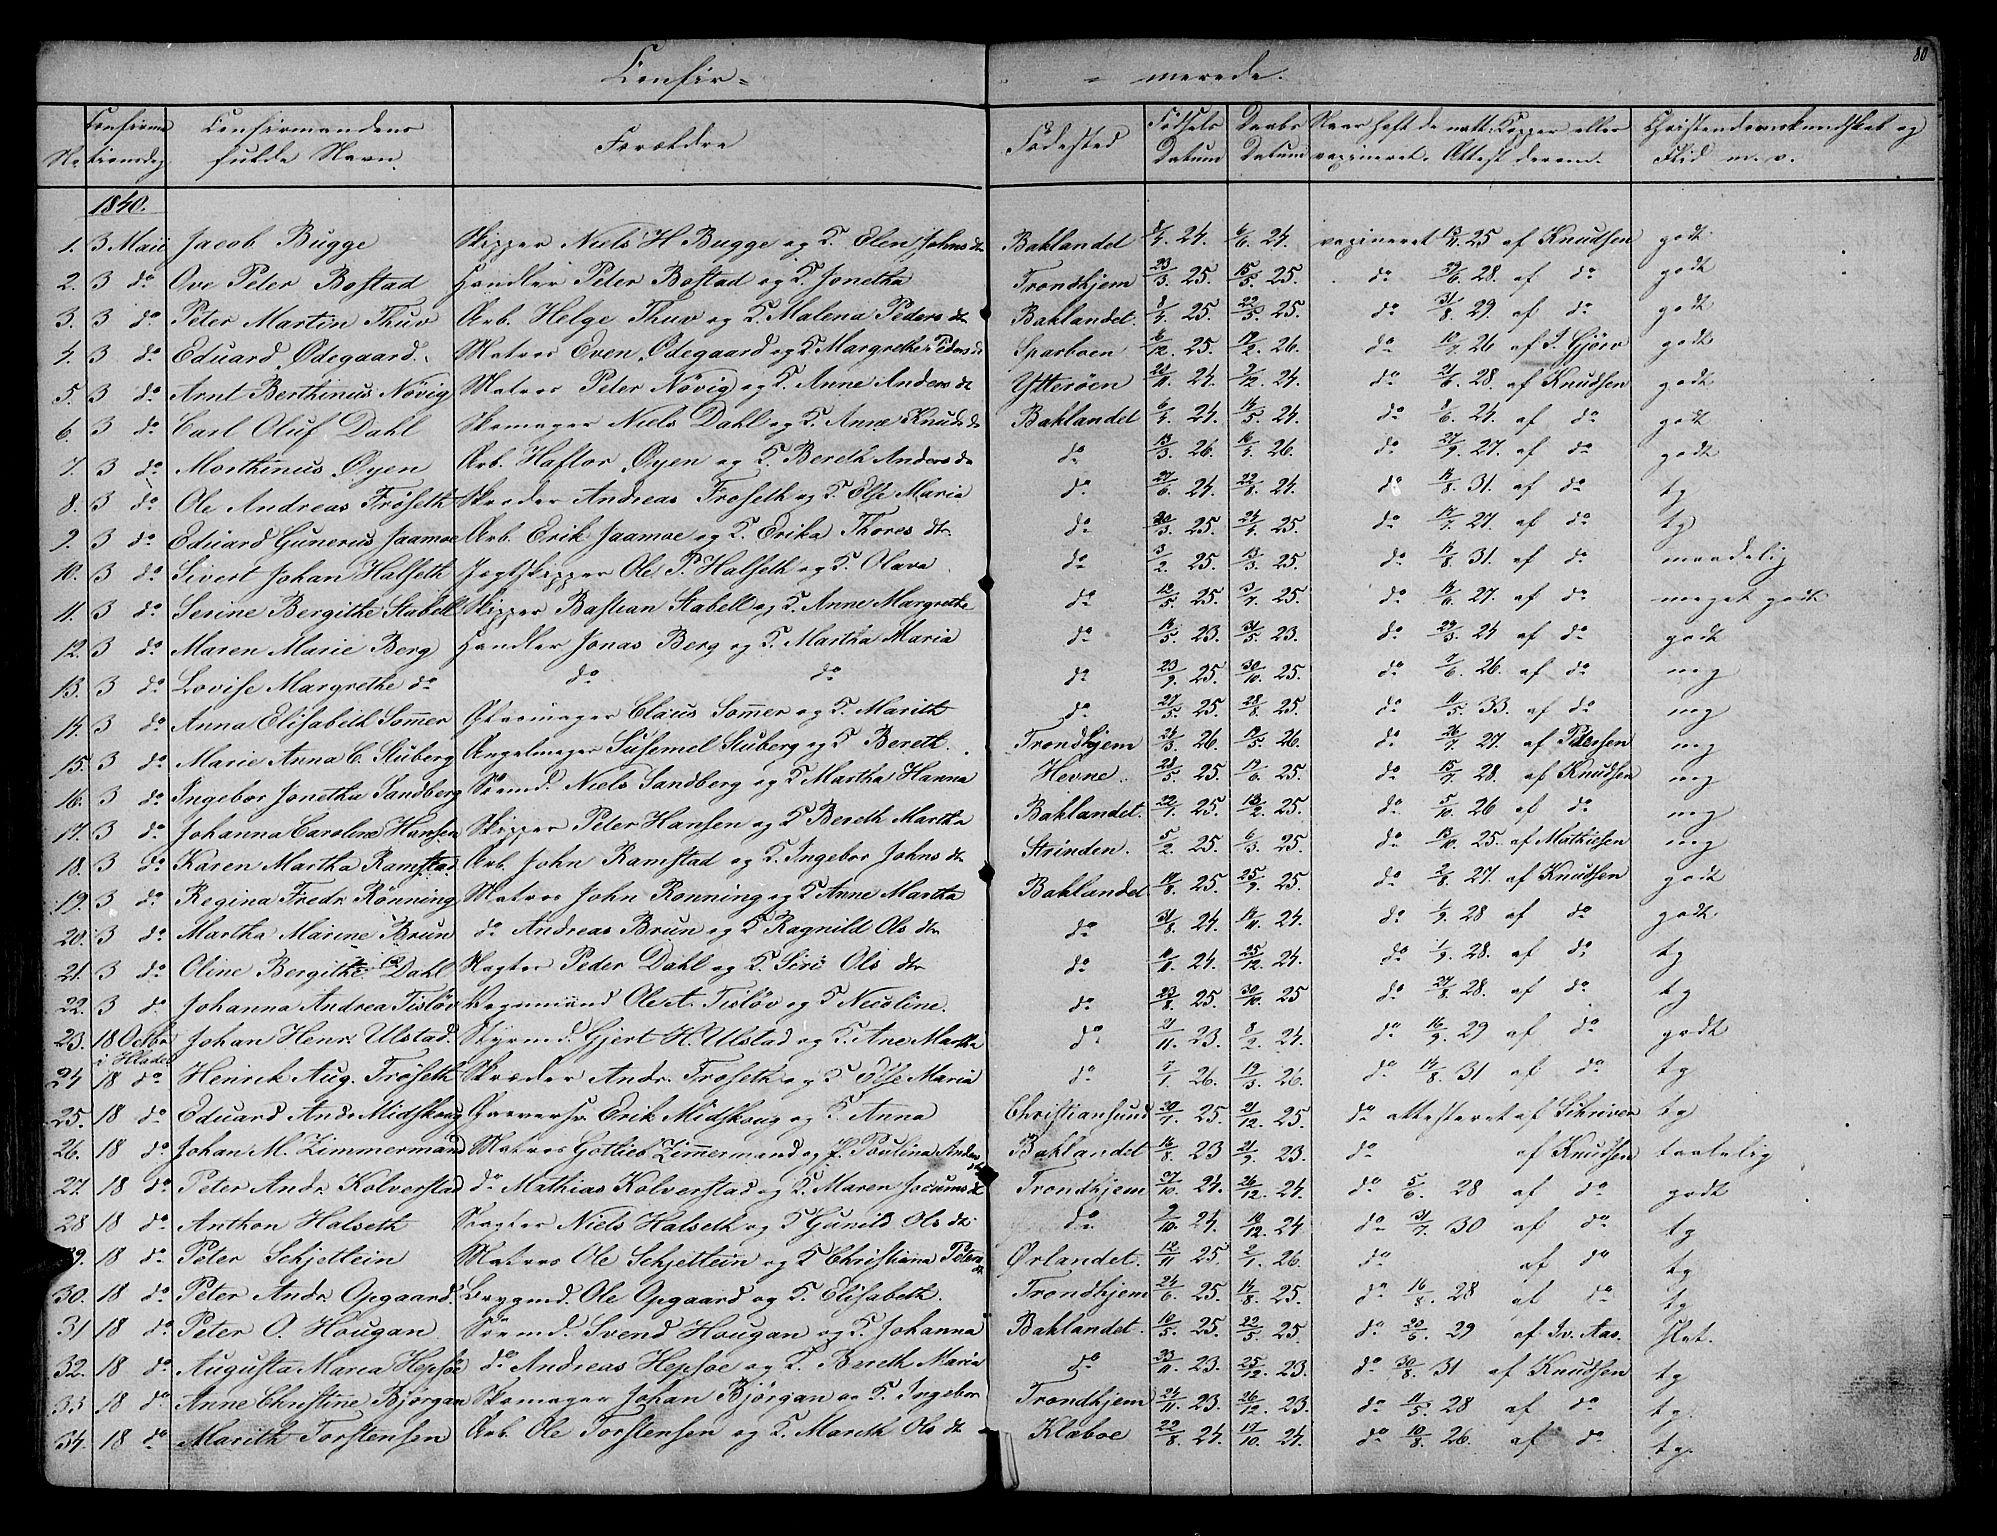 SAT, Ministerialprotokoller, klokkerbøker og fødselsregistre - Sør-Trøndelag, 604/L0182: Ministerialbok nr. 604A03, 1818-1850, s. 80